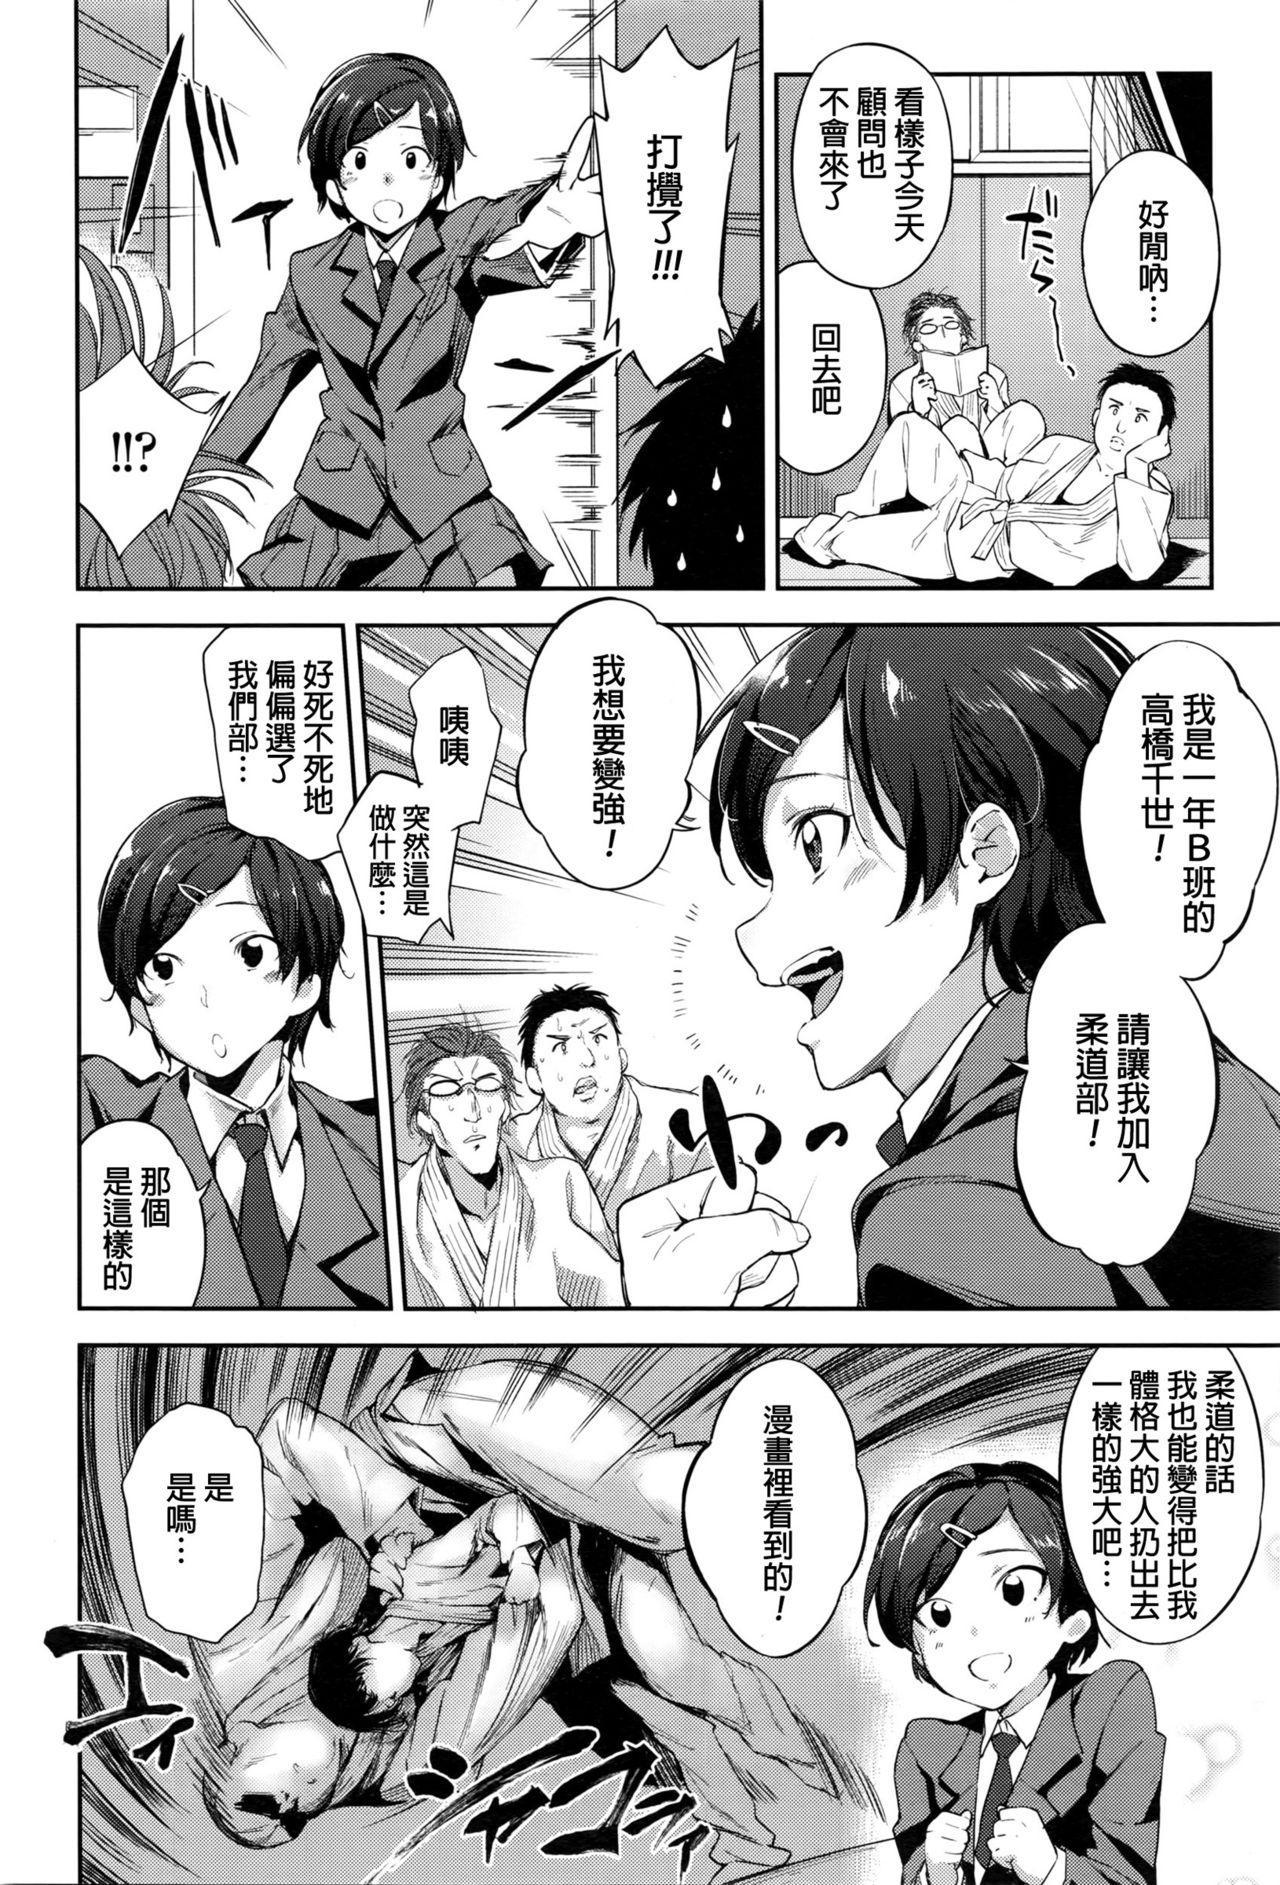 Anoko o Osaekomi! 1